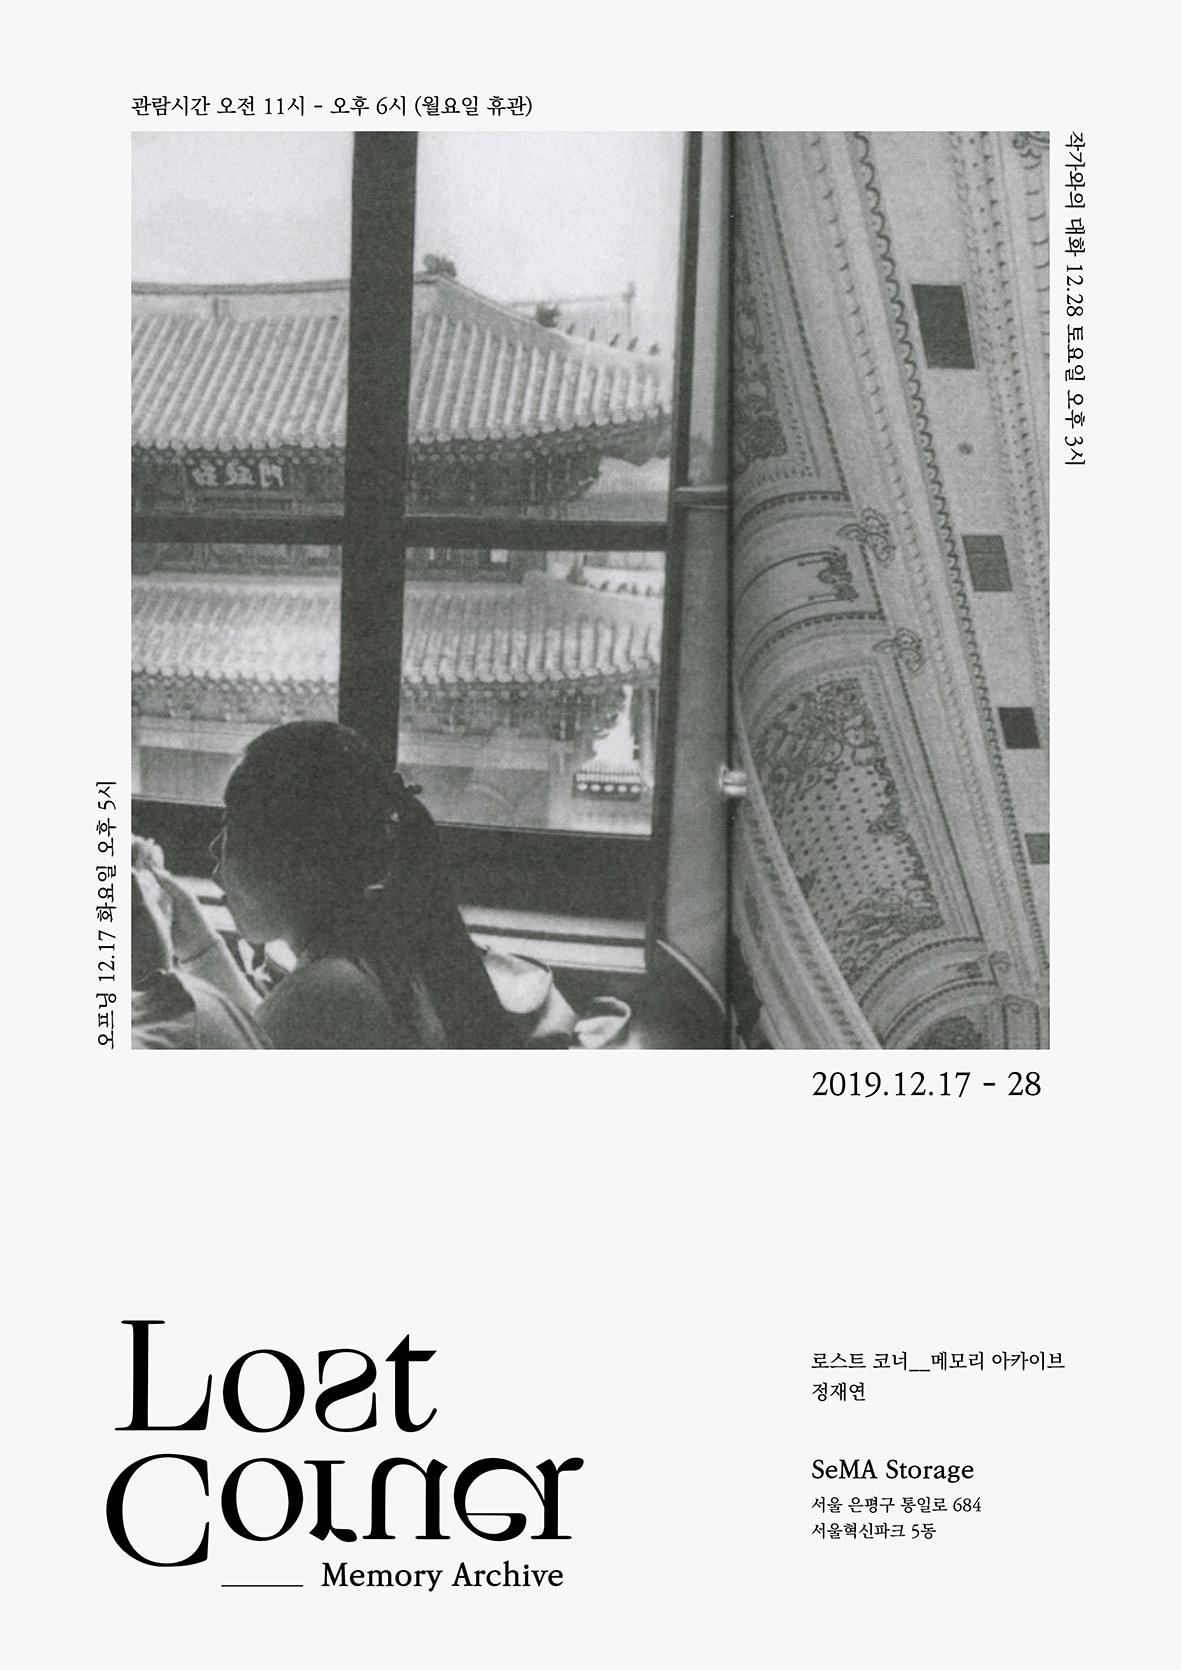 [전시]개인전 로스트 코너_메모리 아카이브